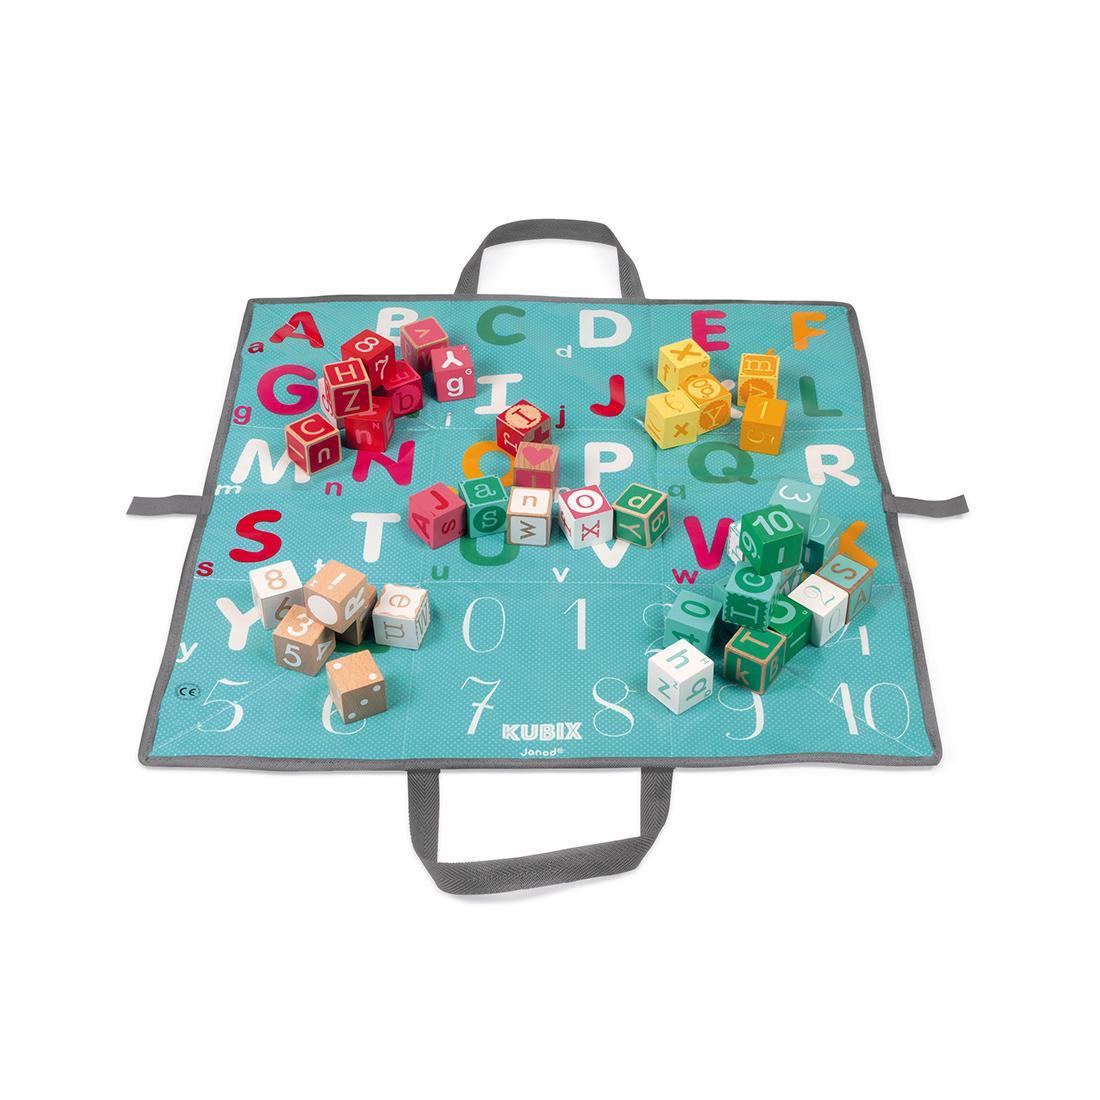 Janod Kubix Blocks dřevěné kostky abeceda a čísla stavebnice s interaktivní podložkou 40 kostek